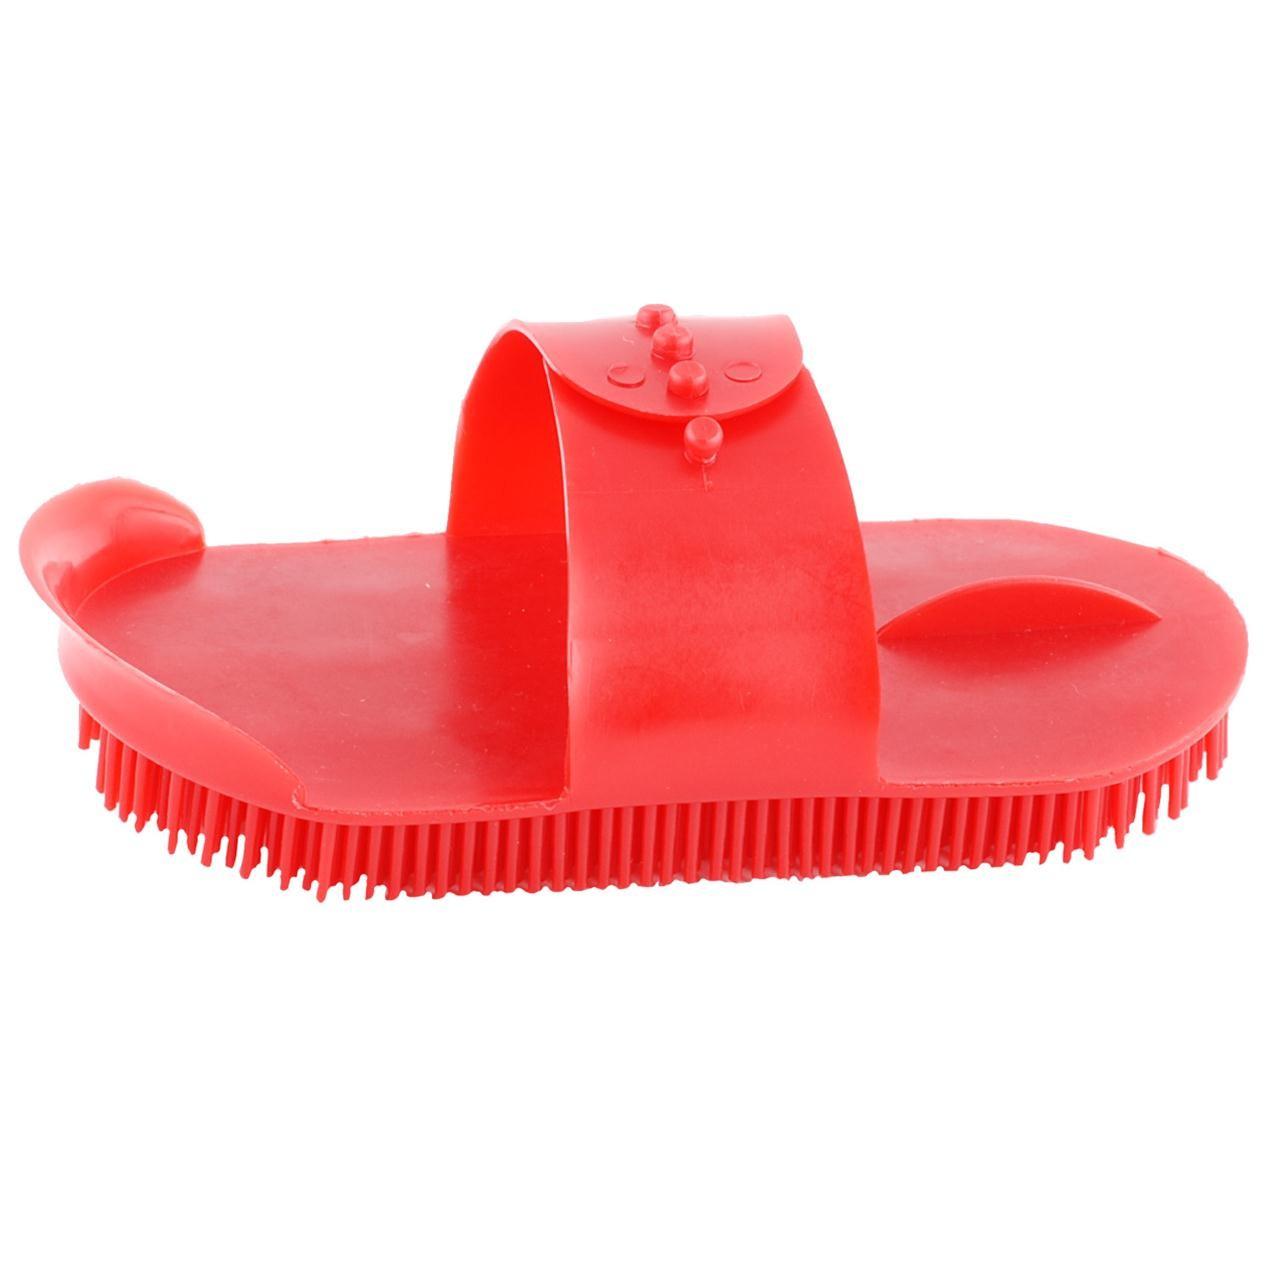 Sarvisborstel rood